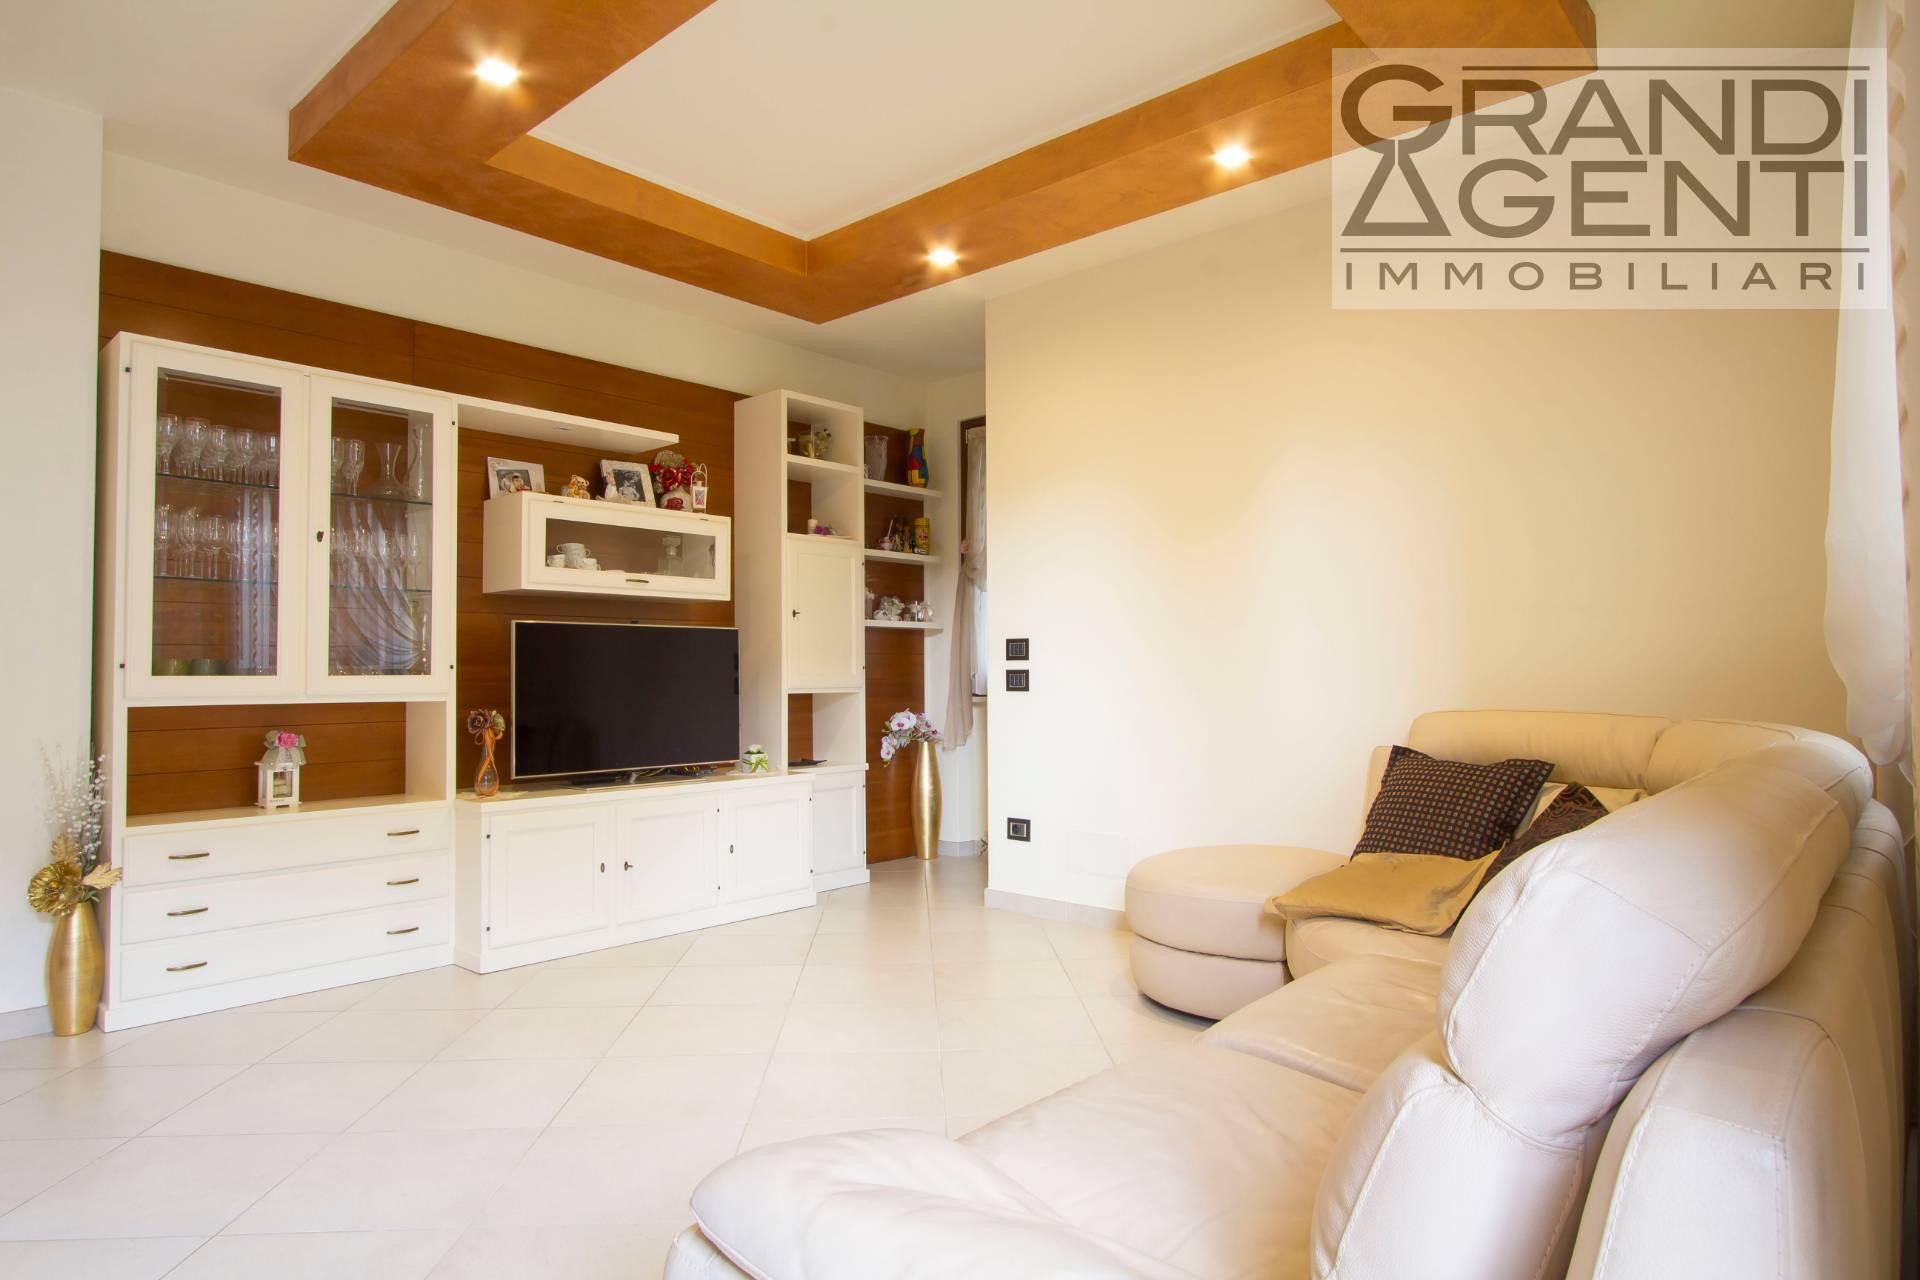 Appartamento in vendita a Zevio, 3 locali, prezzo € 170.000 | PortaleAgenzieImmobiliari.it